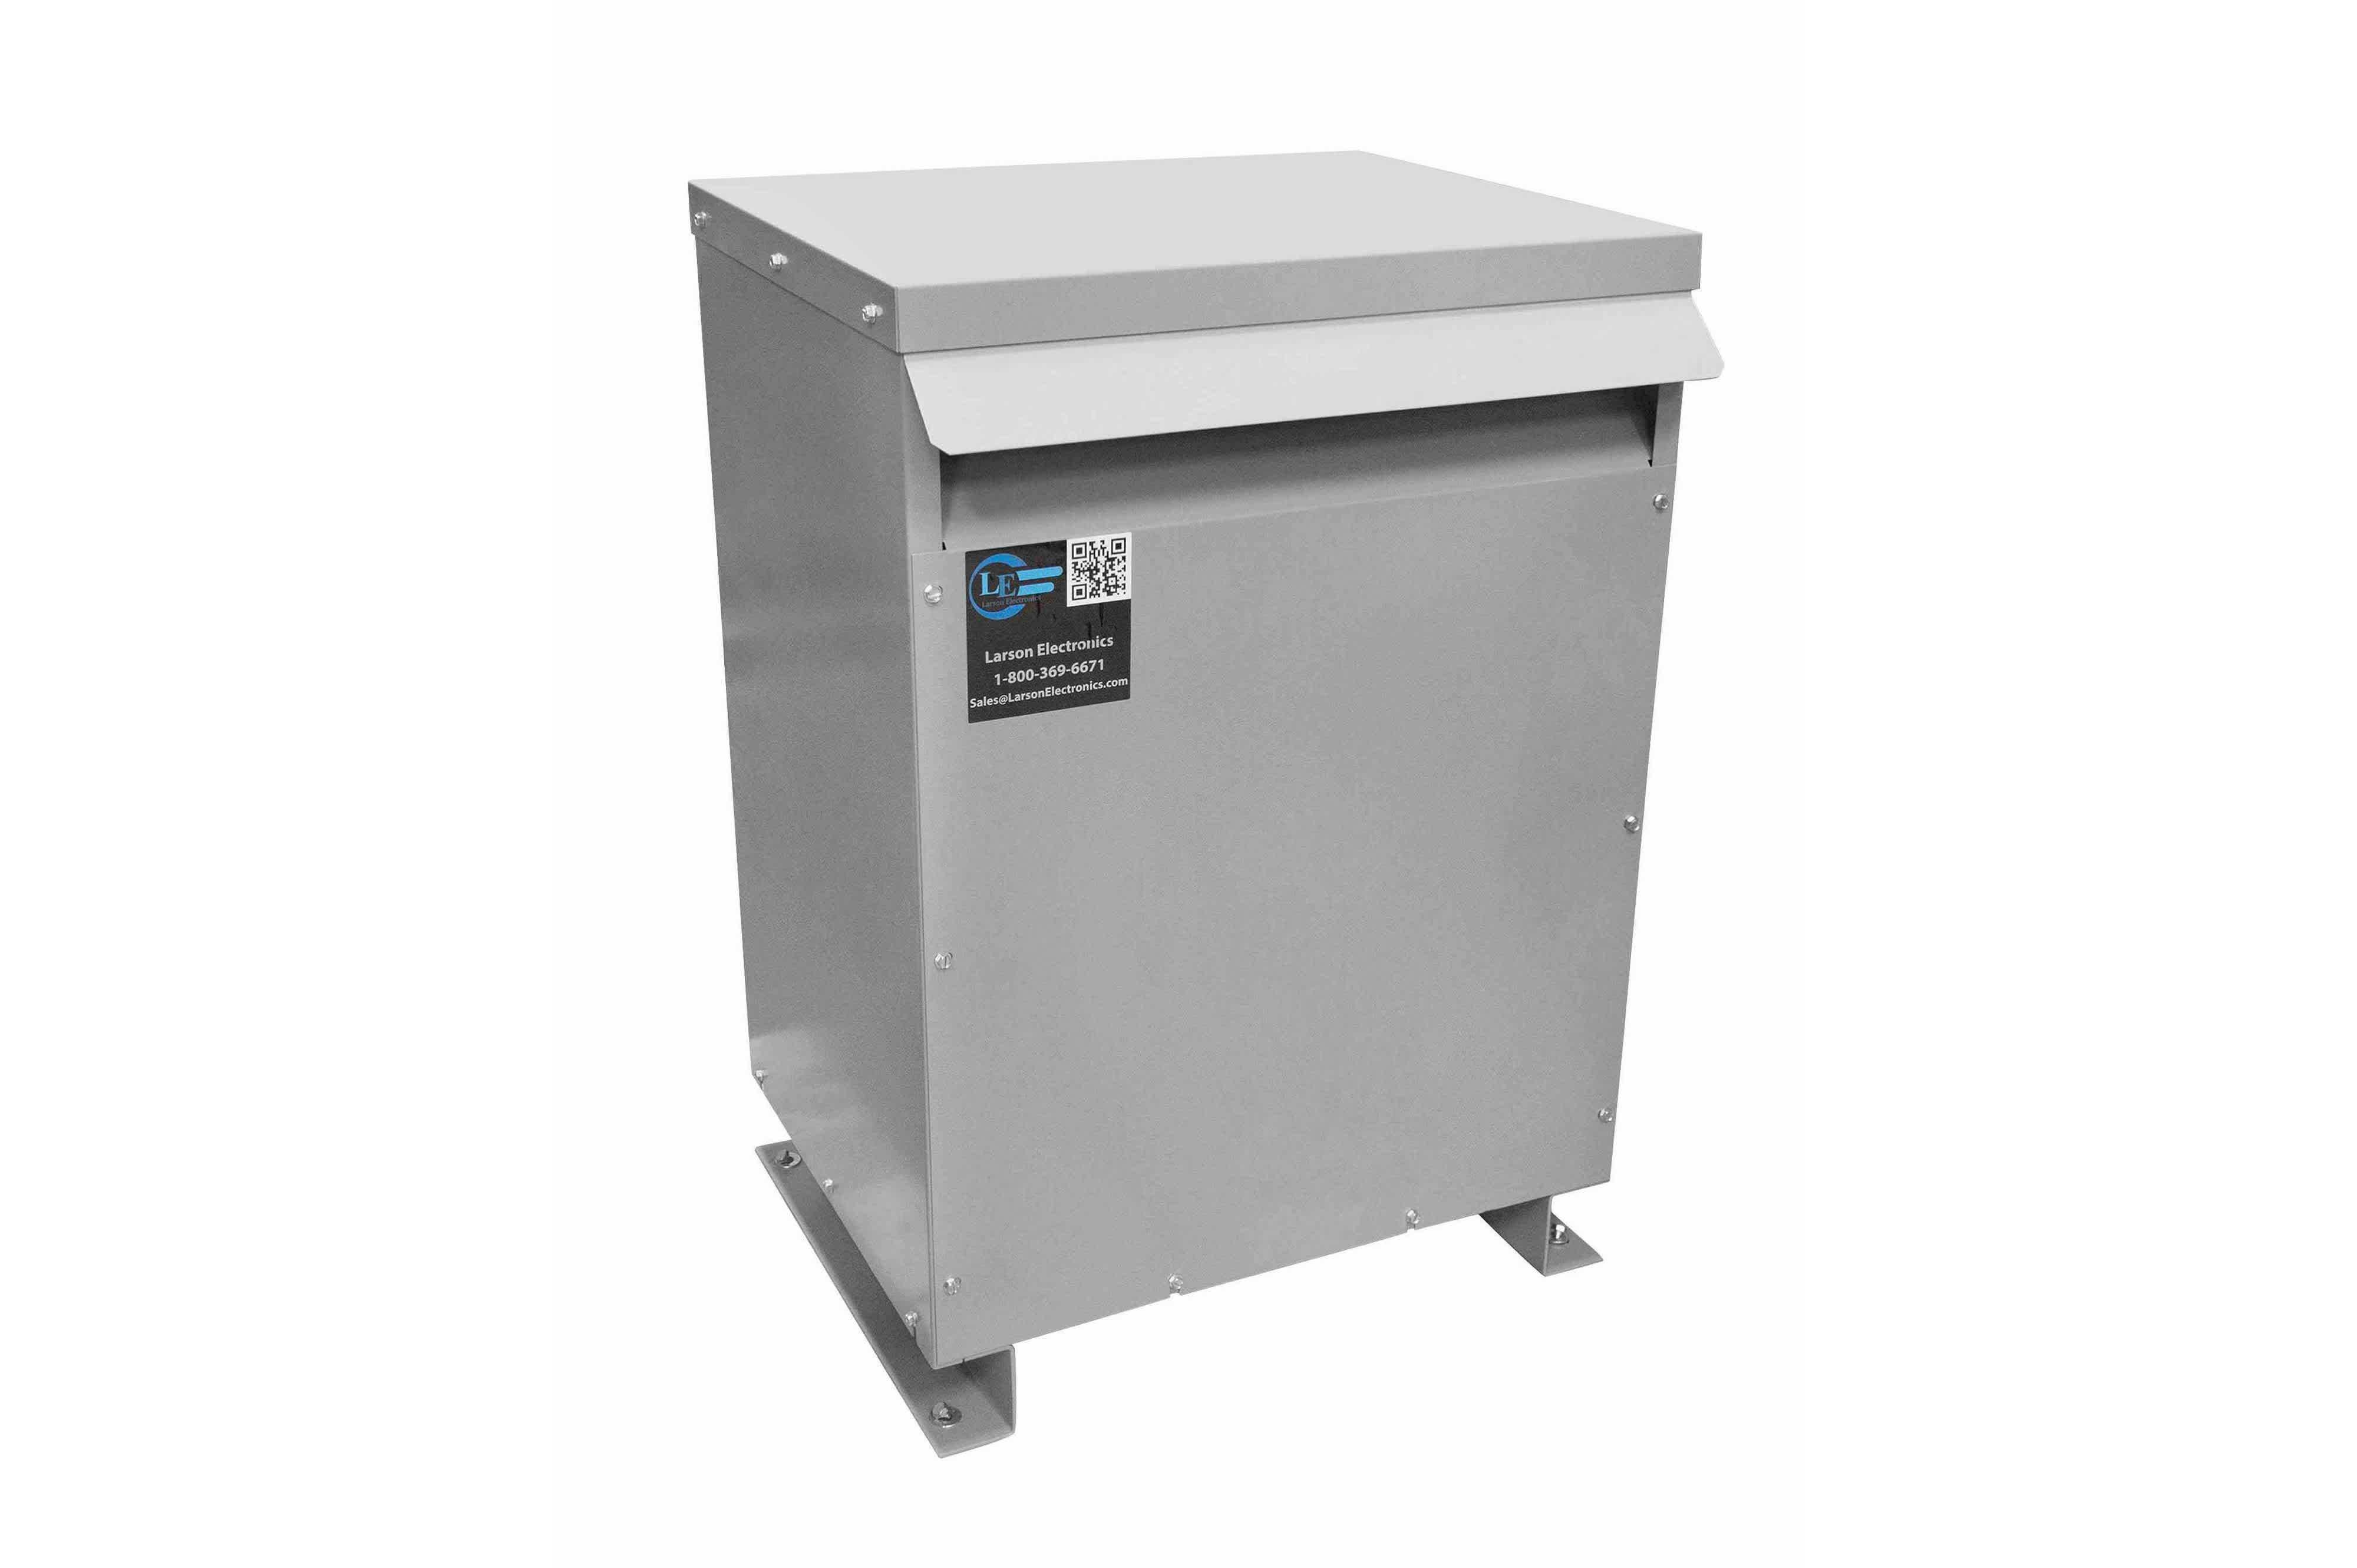 22.5 kVA 3PH Isolation Transformer, 600V Delta Primary, 480V Delta Secondary, N3R, Ventilated, 60 Hz